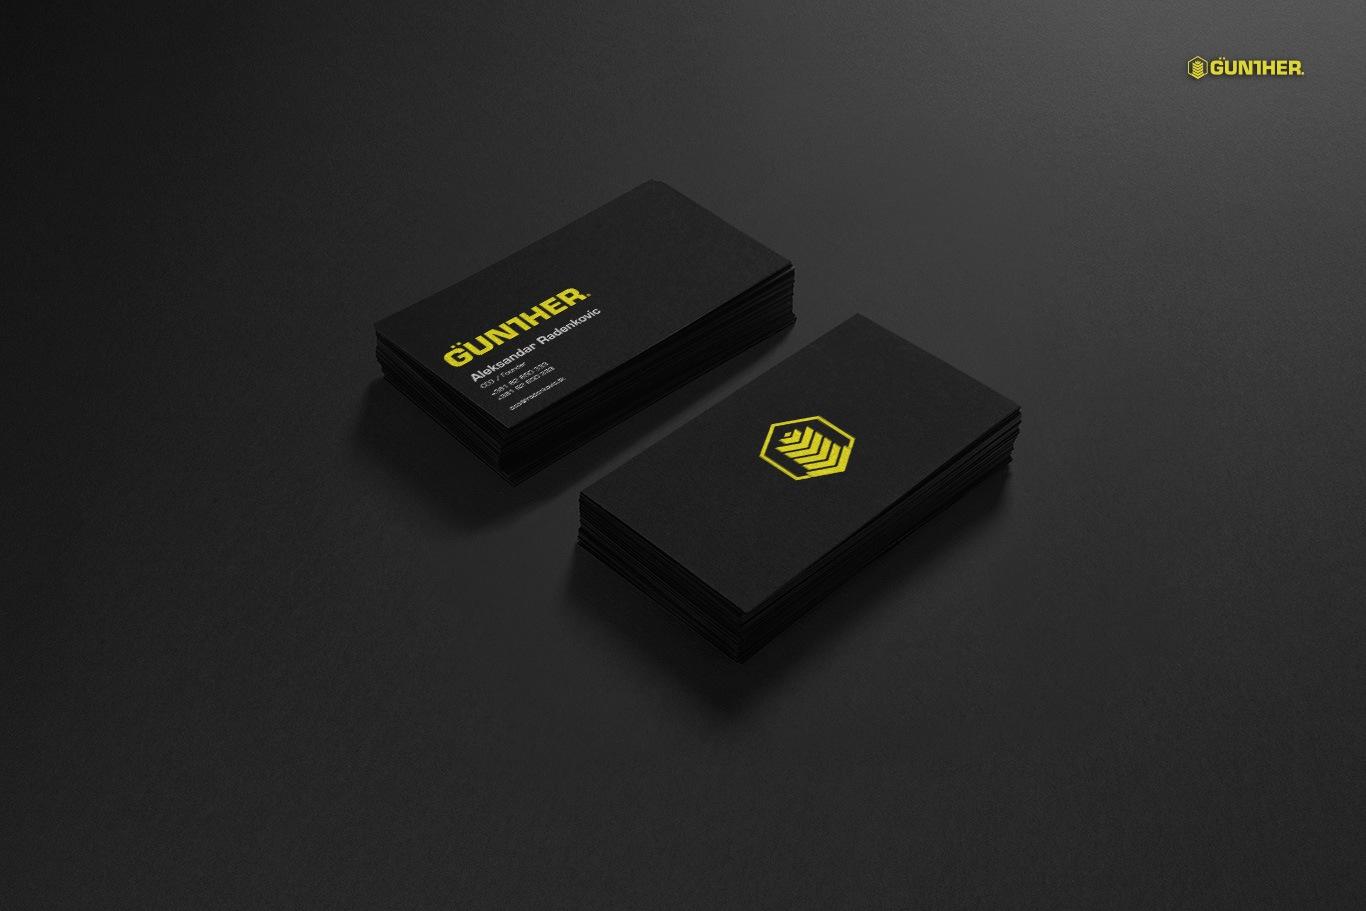 gunther business card design